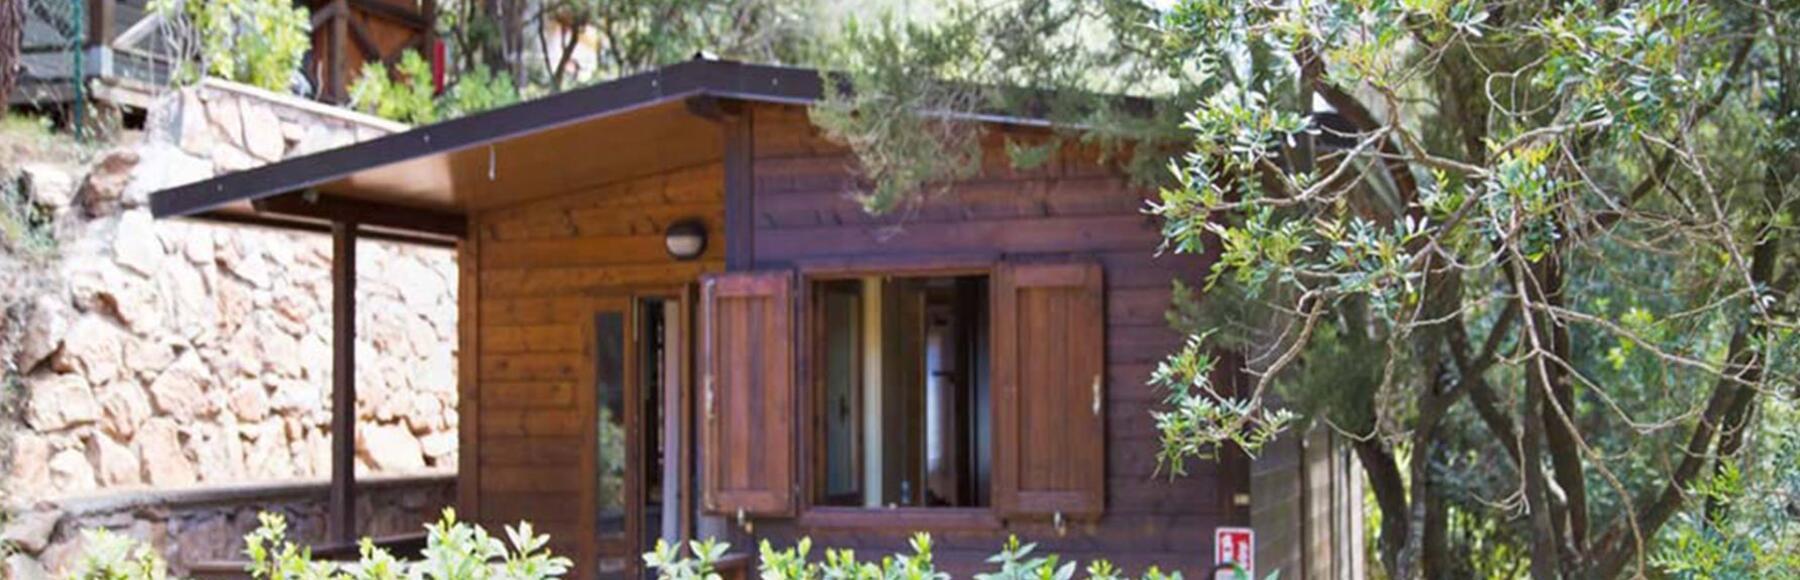 elbadoc-campingvillage it lo-chalet 006